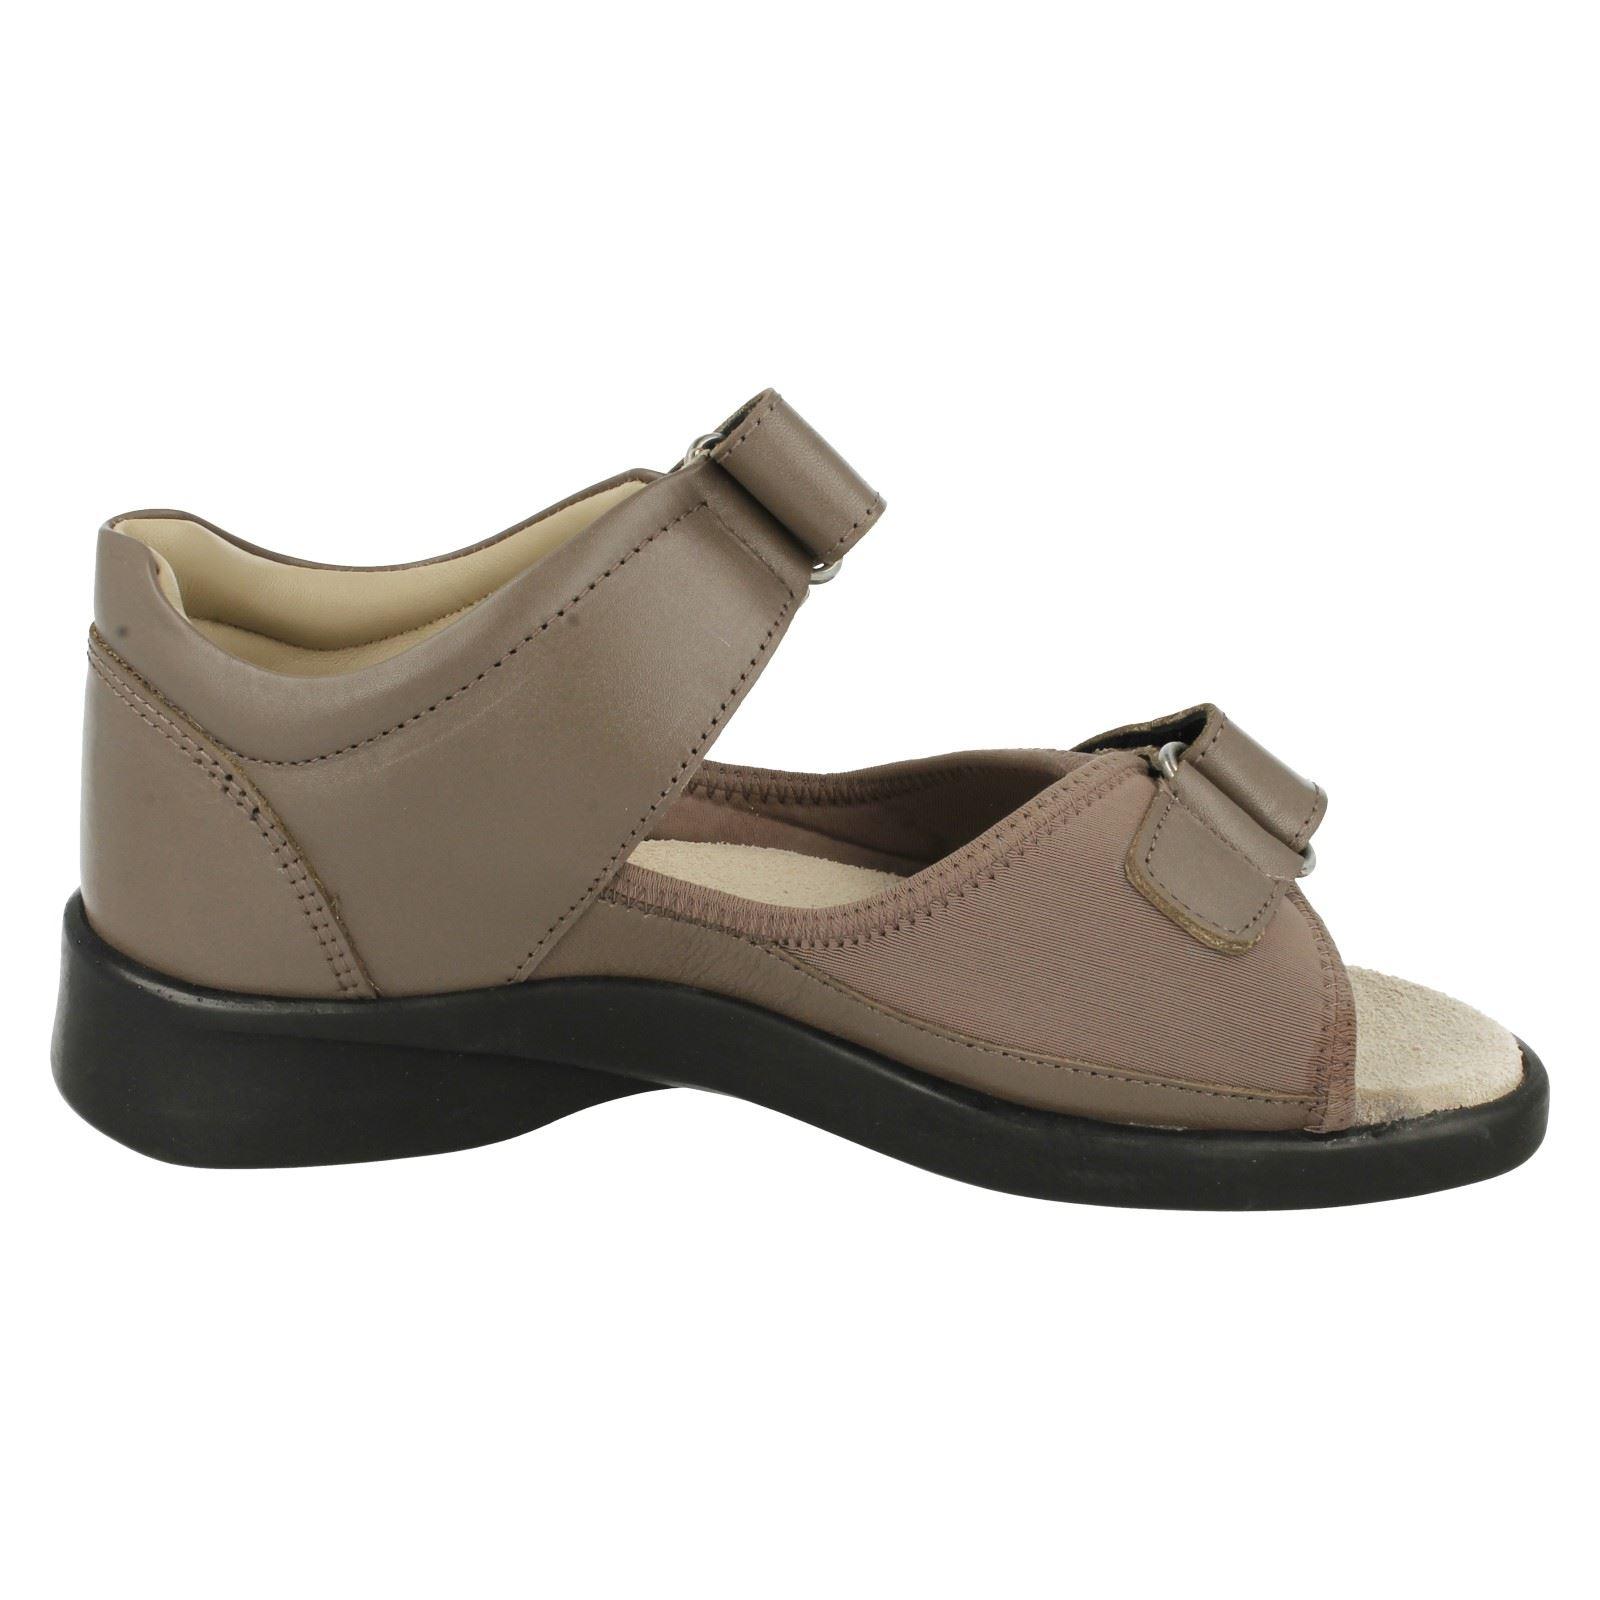 Homme Femme Femme Femme Femmes equity wide fit sandales jasmine Reine de qualité acheter TempéraHommes t britannique be7600